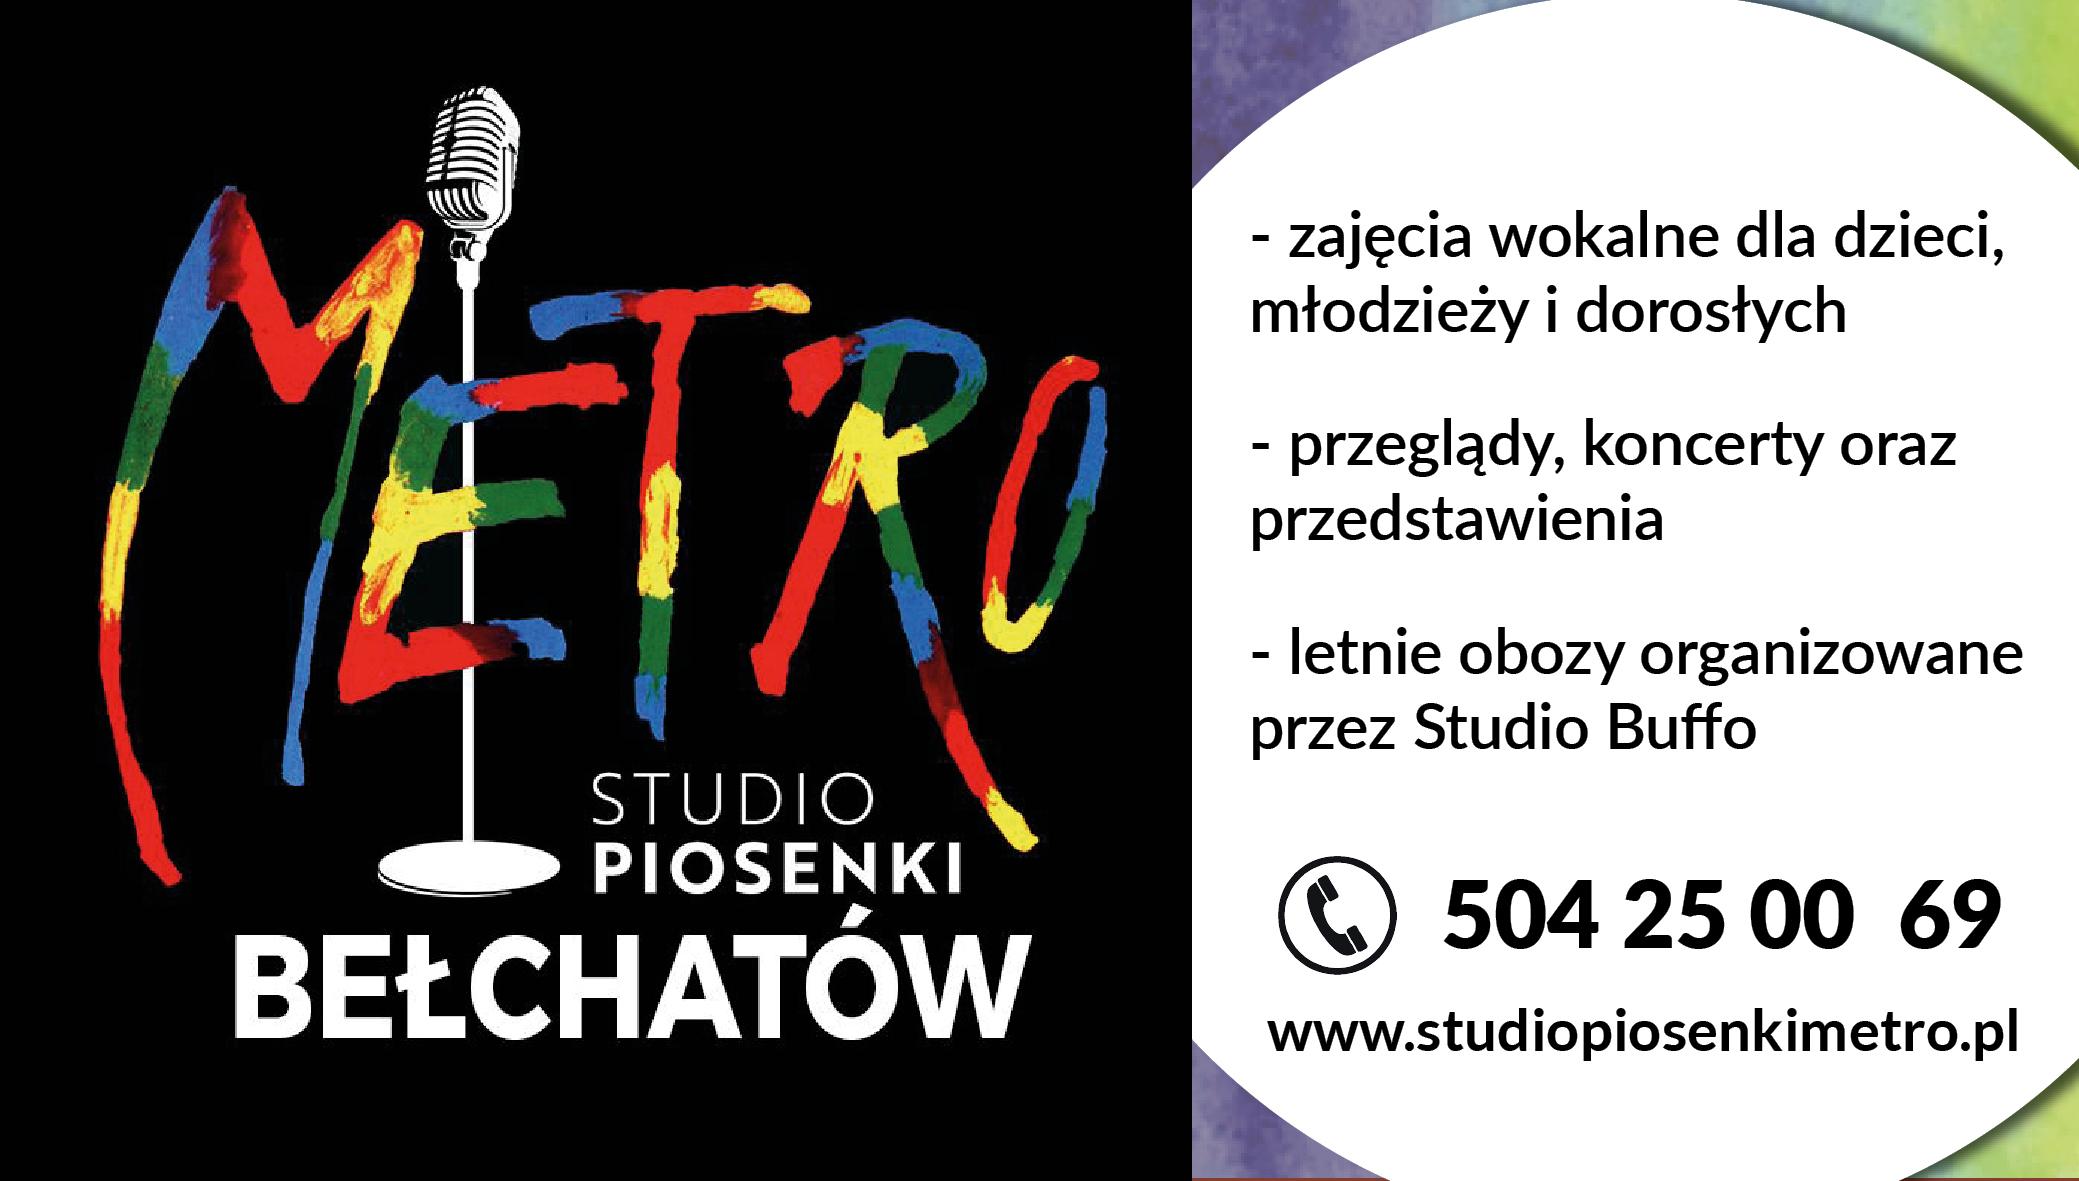 Trwa nabór do Studio Piosenki Metro w Bełchatowie! - Zdjęcie główne